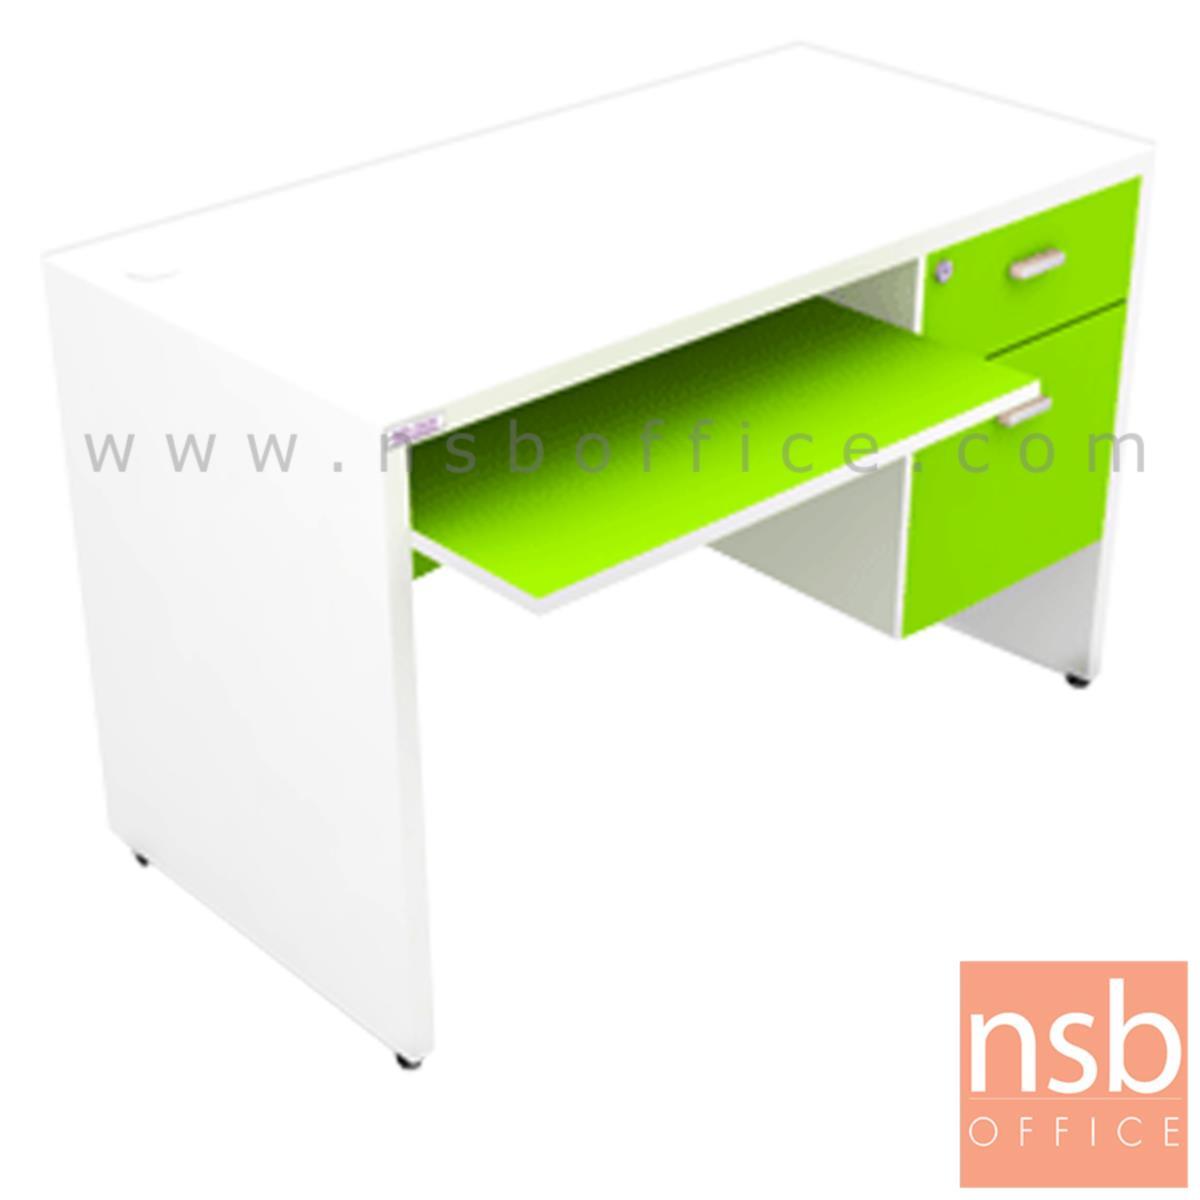 A20A005:โต๊ะคอมพิวเตอร์สีสัน 2 ลิ้นชัก  รุ่น MT-COLOUR-C2DW  ขนาด 120W cm. พร้อมรางคีย์บอร์ด กุญแจล็อค